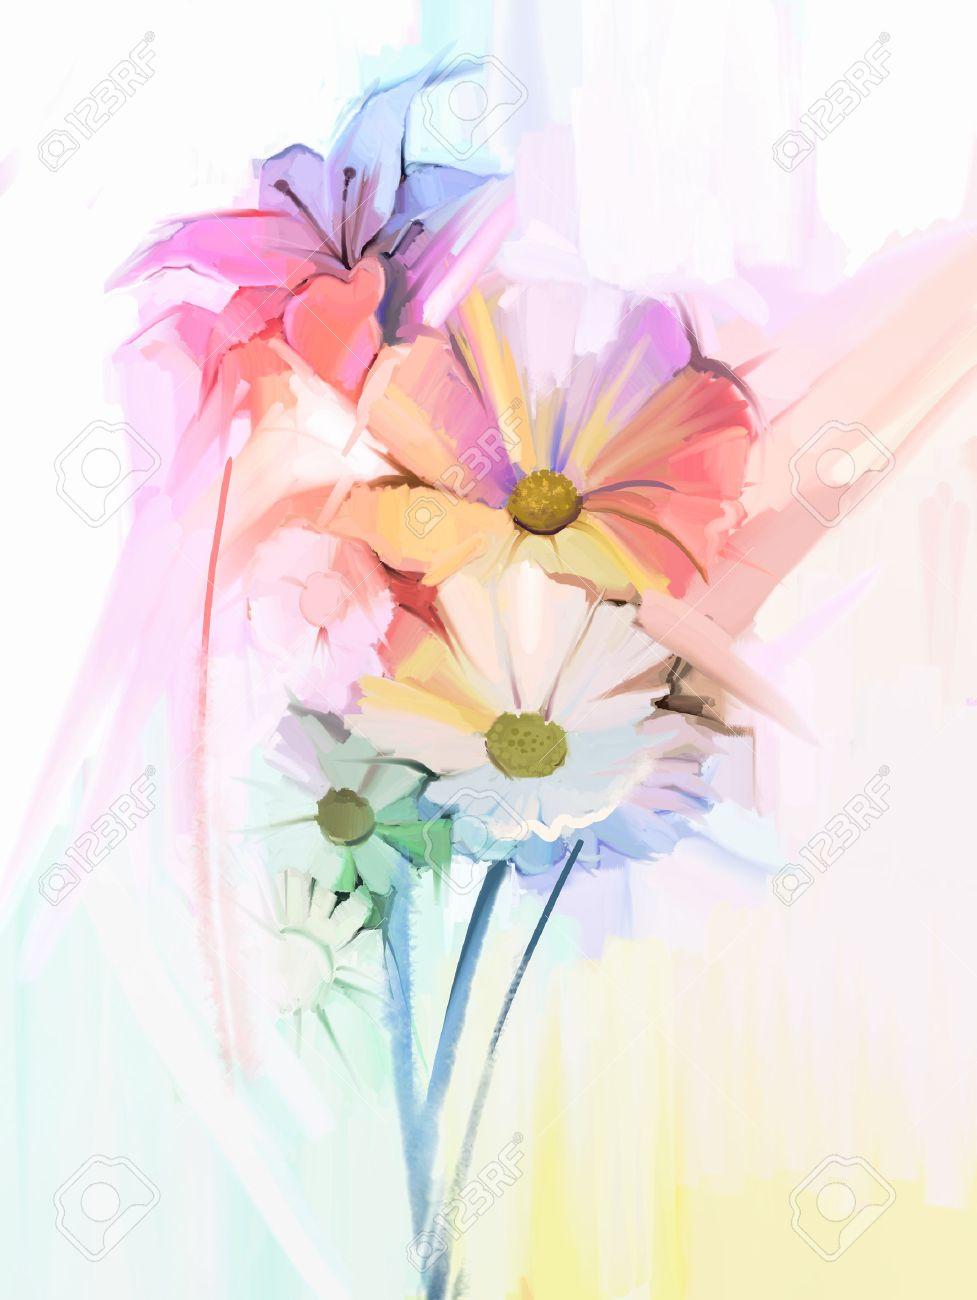 Bodegon De Flores De Color Blanco Con Rosa Suave Y Purpura Pintura